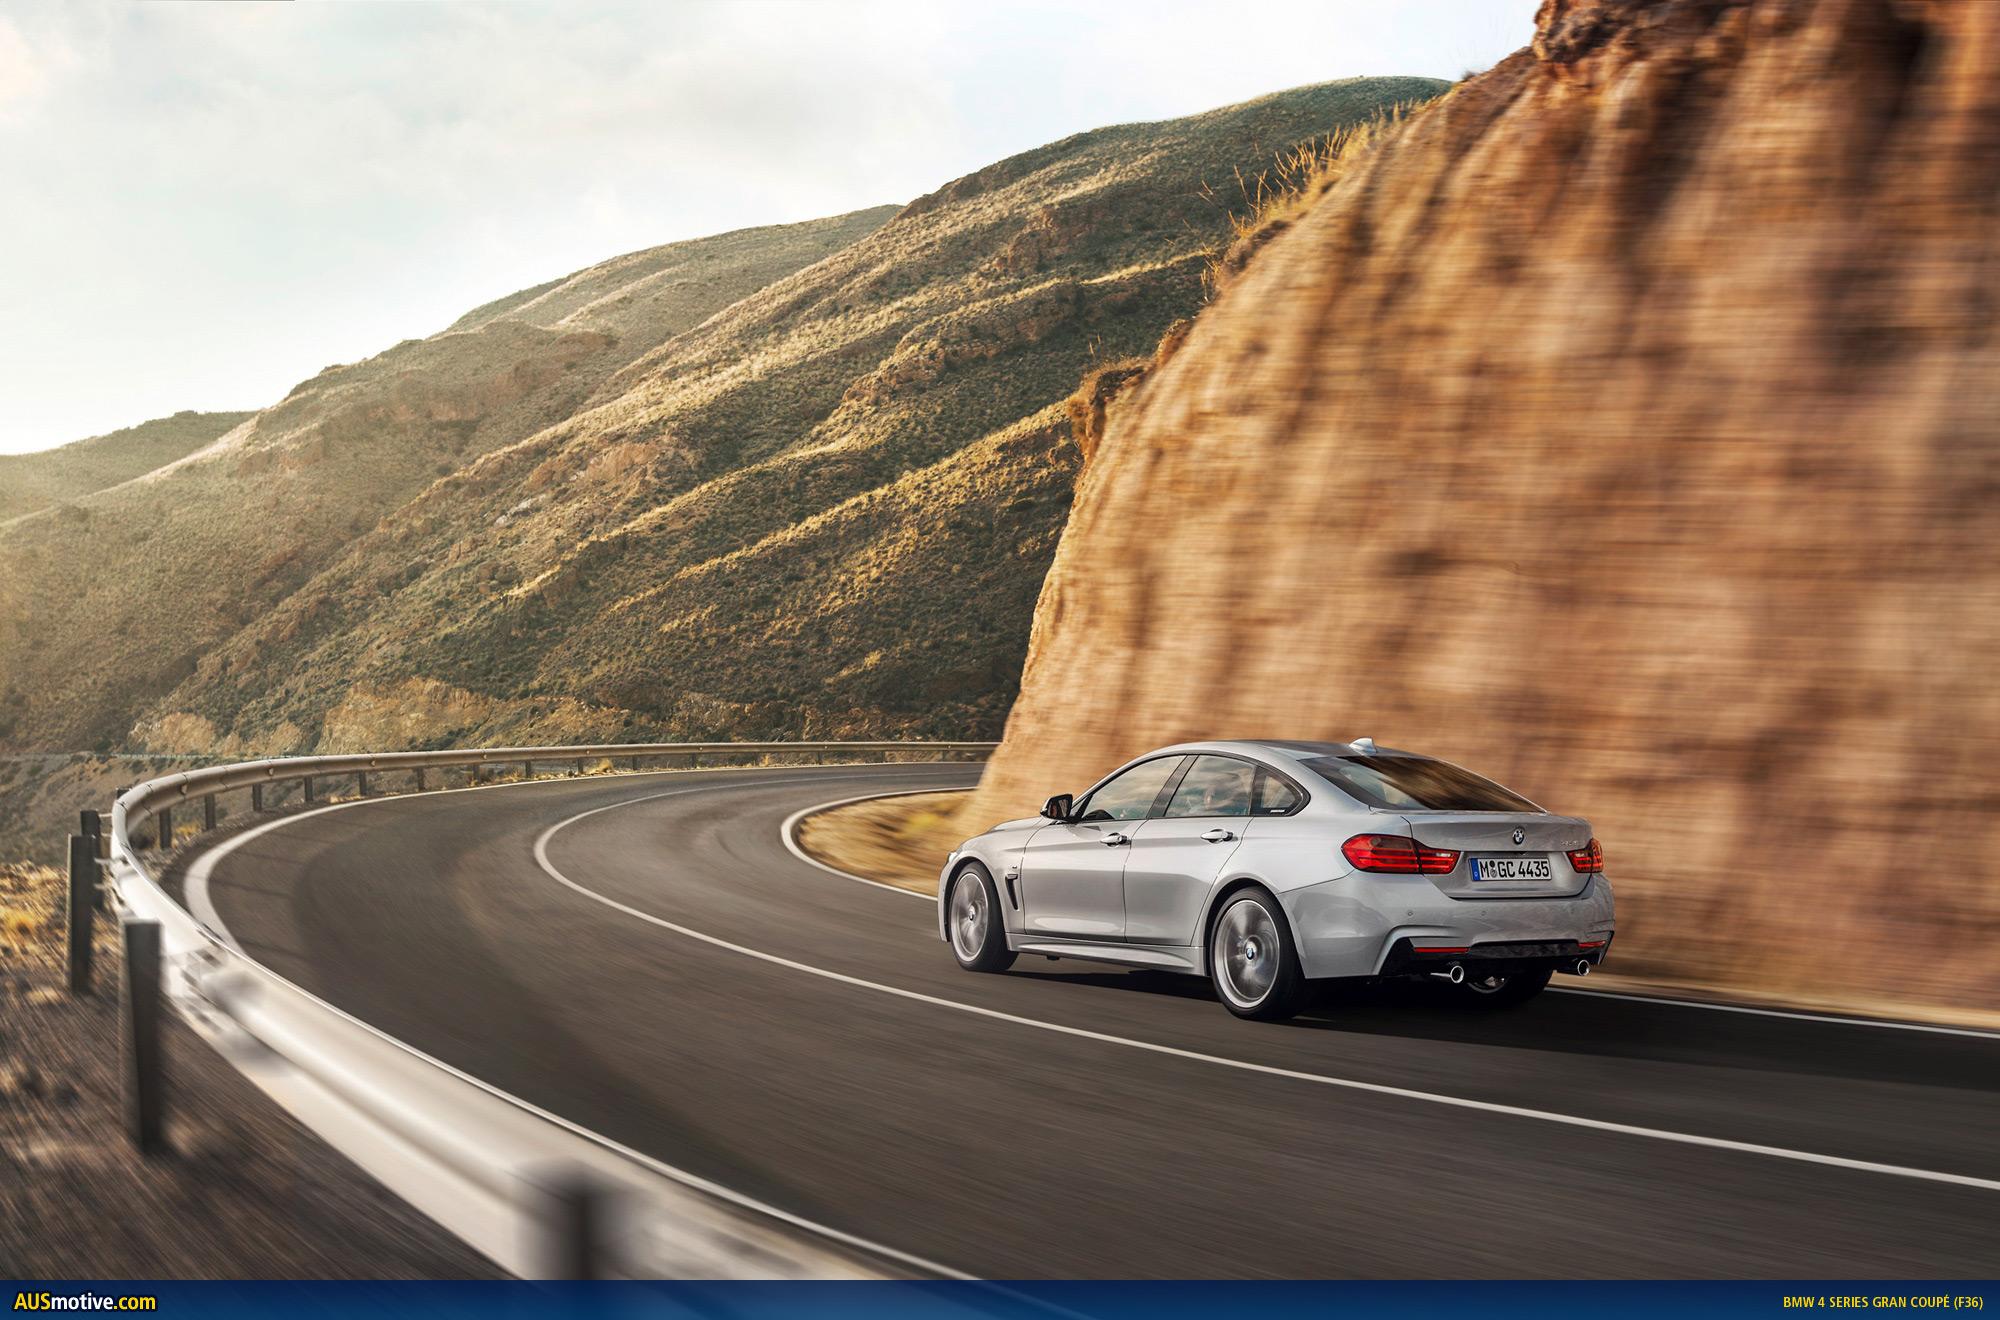 AUSmotive.com » BMW 4 Series Gran Coupé revealed